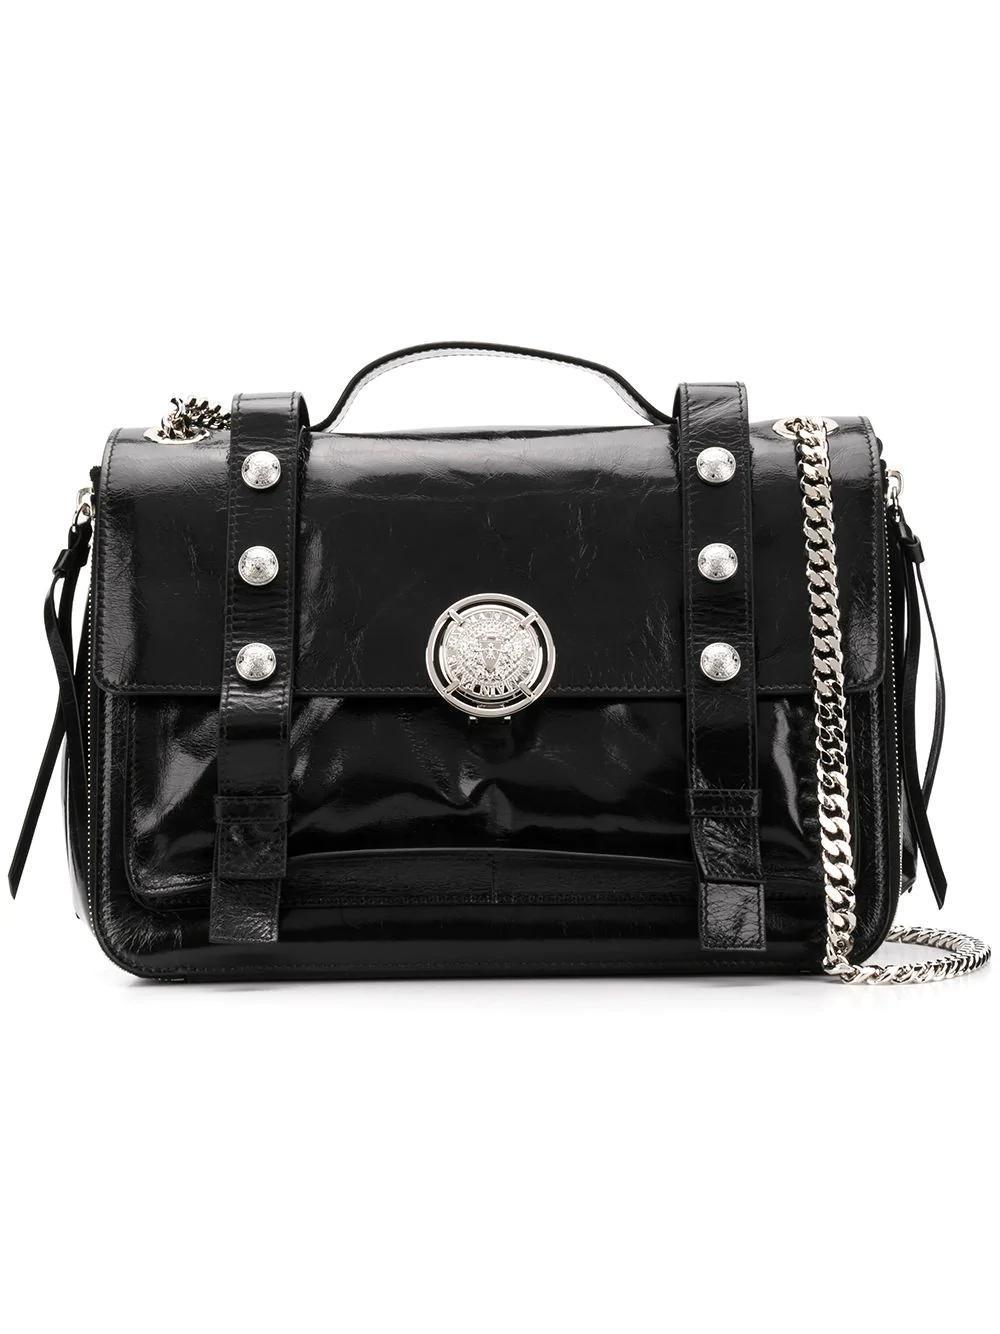 a99468865b Balmain Chain Flap Bag - Black | ModeSens